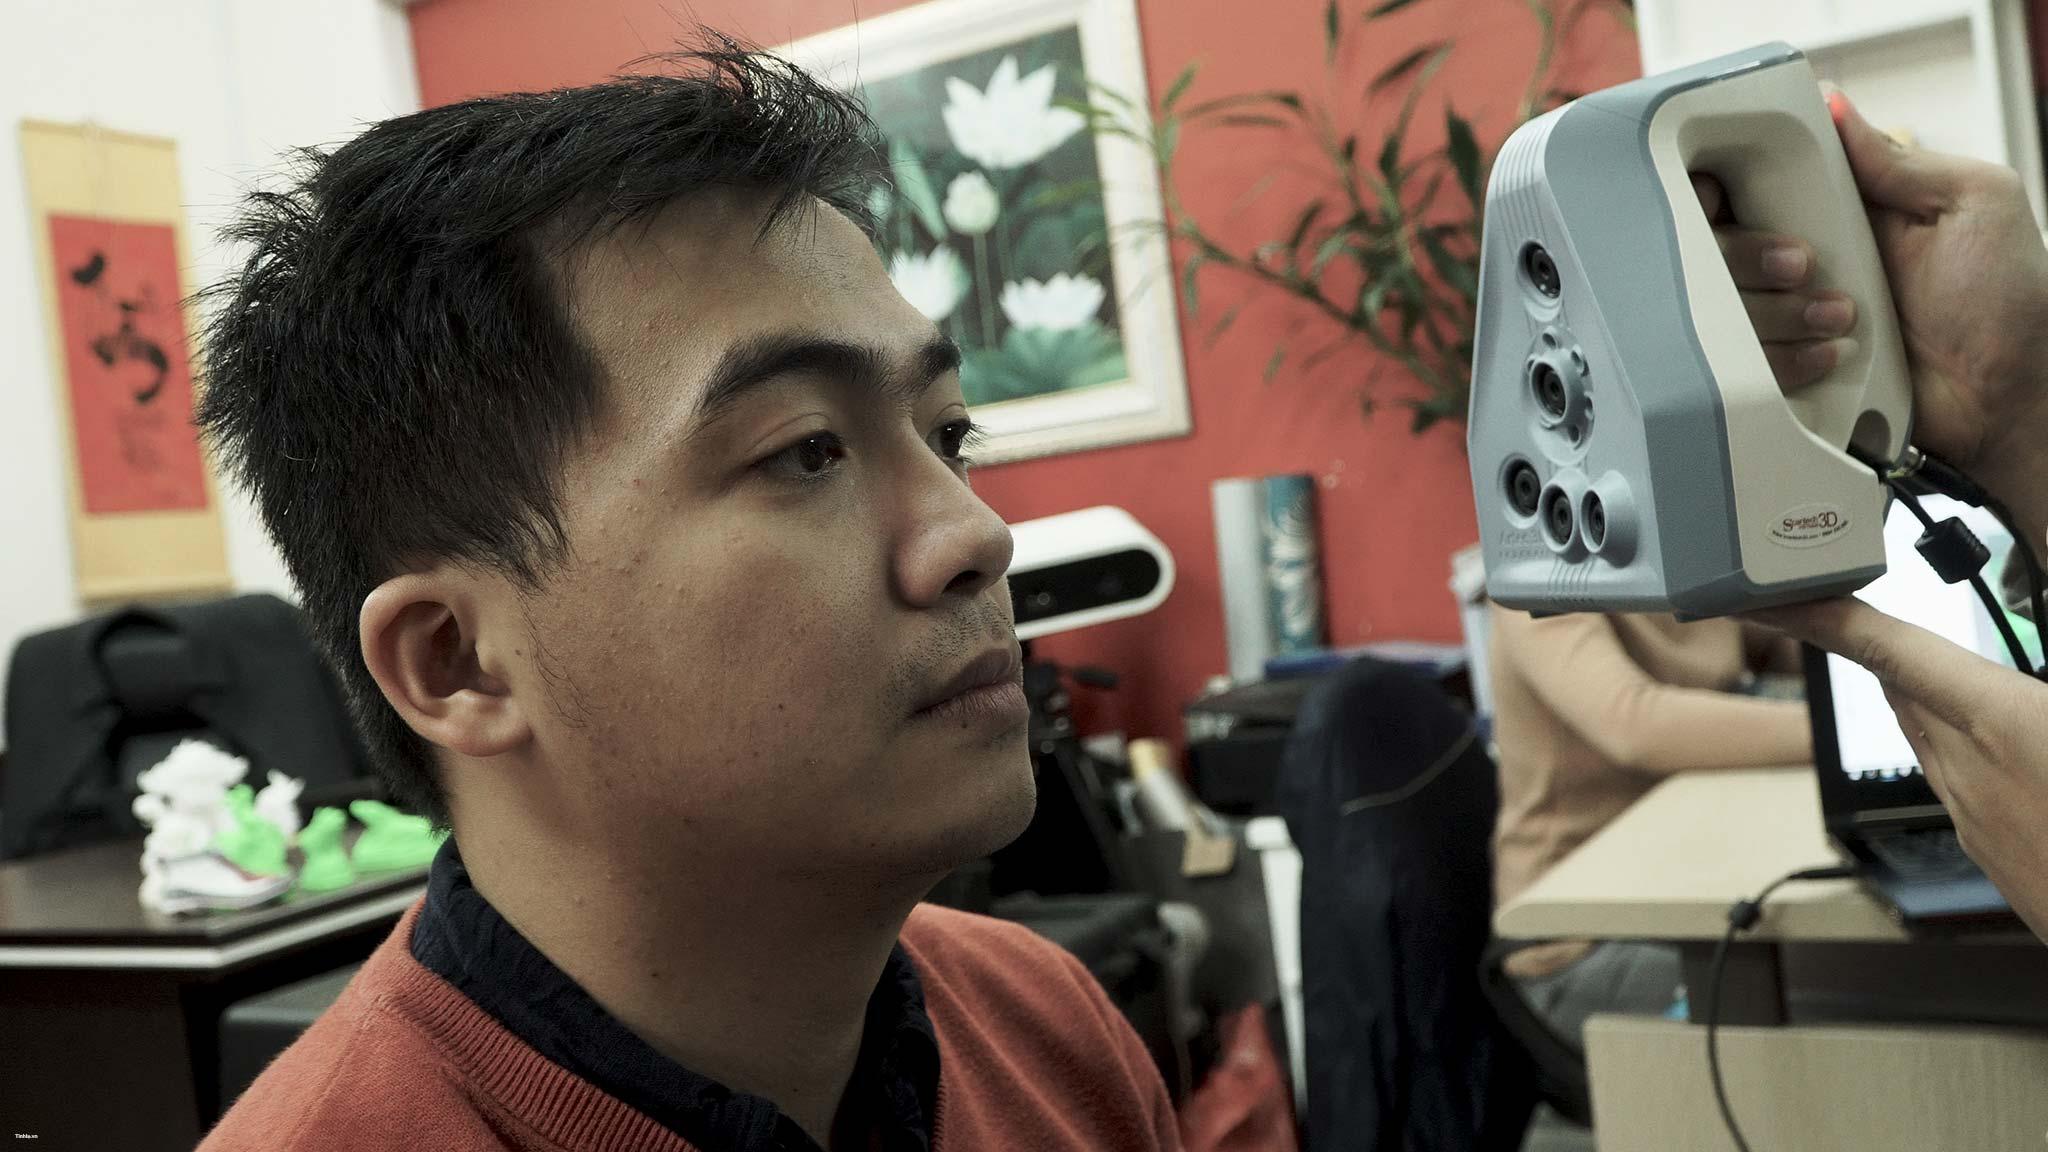 tinhte_qua_trinh_tao_mat_na_danh_lua_face_id_1.jpg